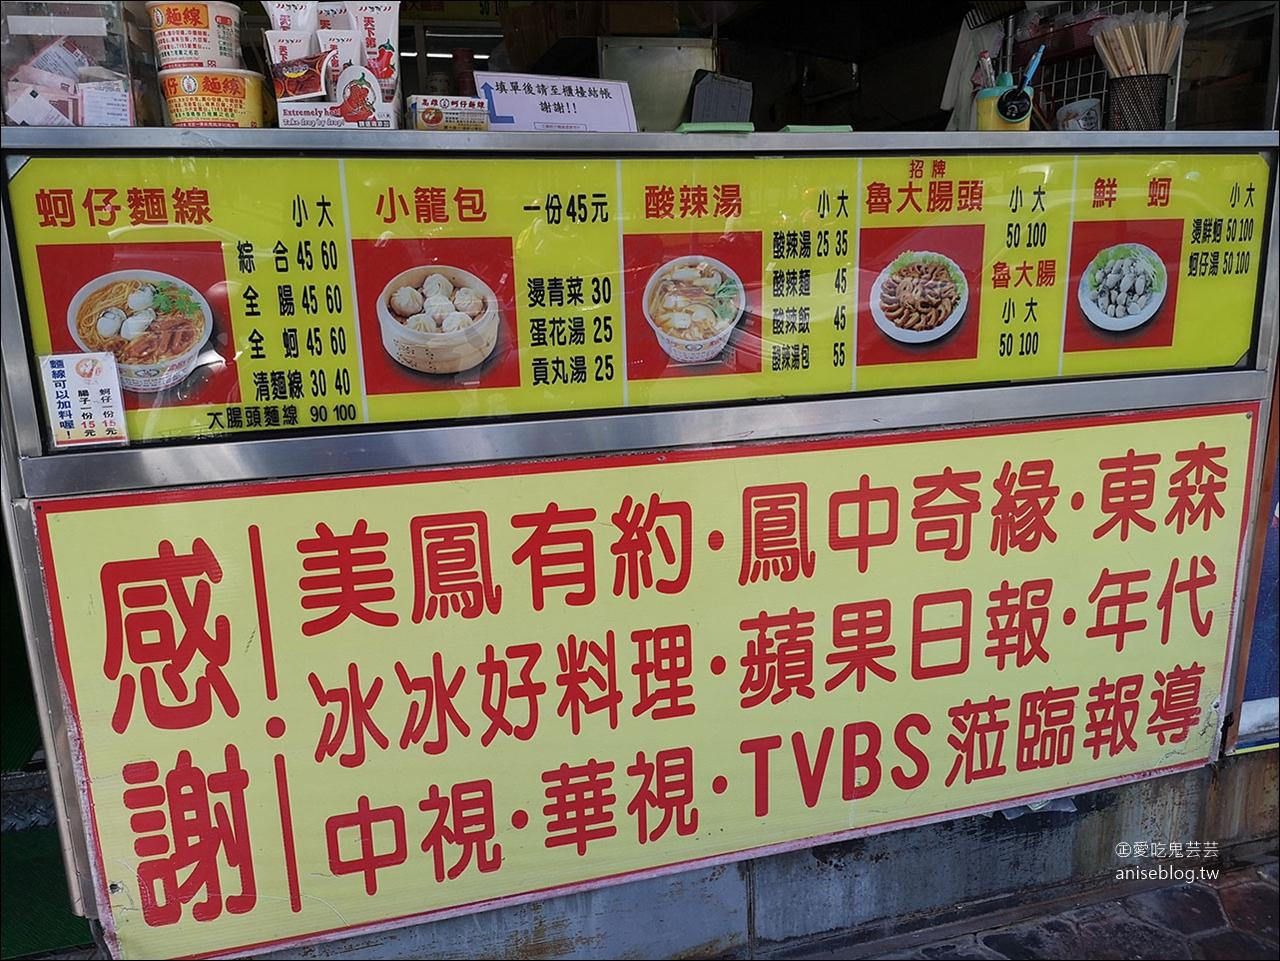 嘉義美食   正義麵線 (文化夜市),有四種辣醬,小心辣!